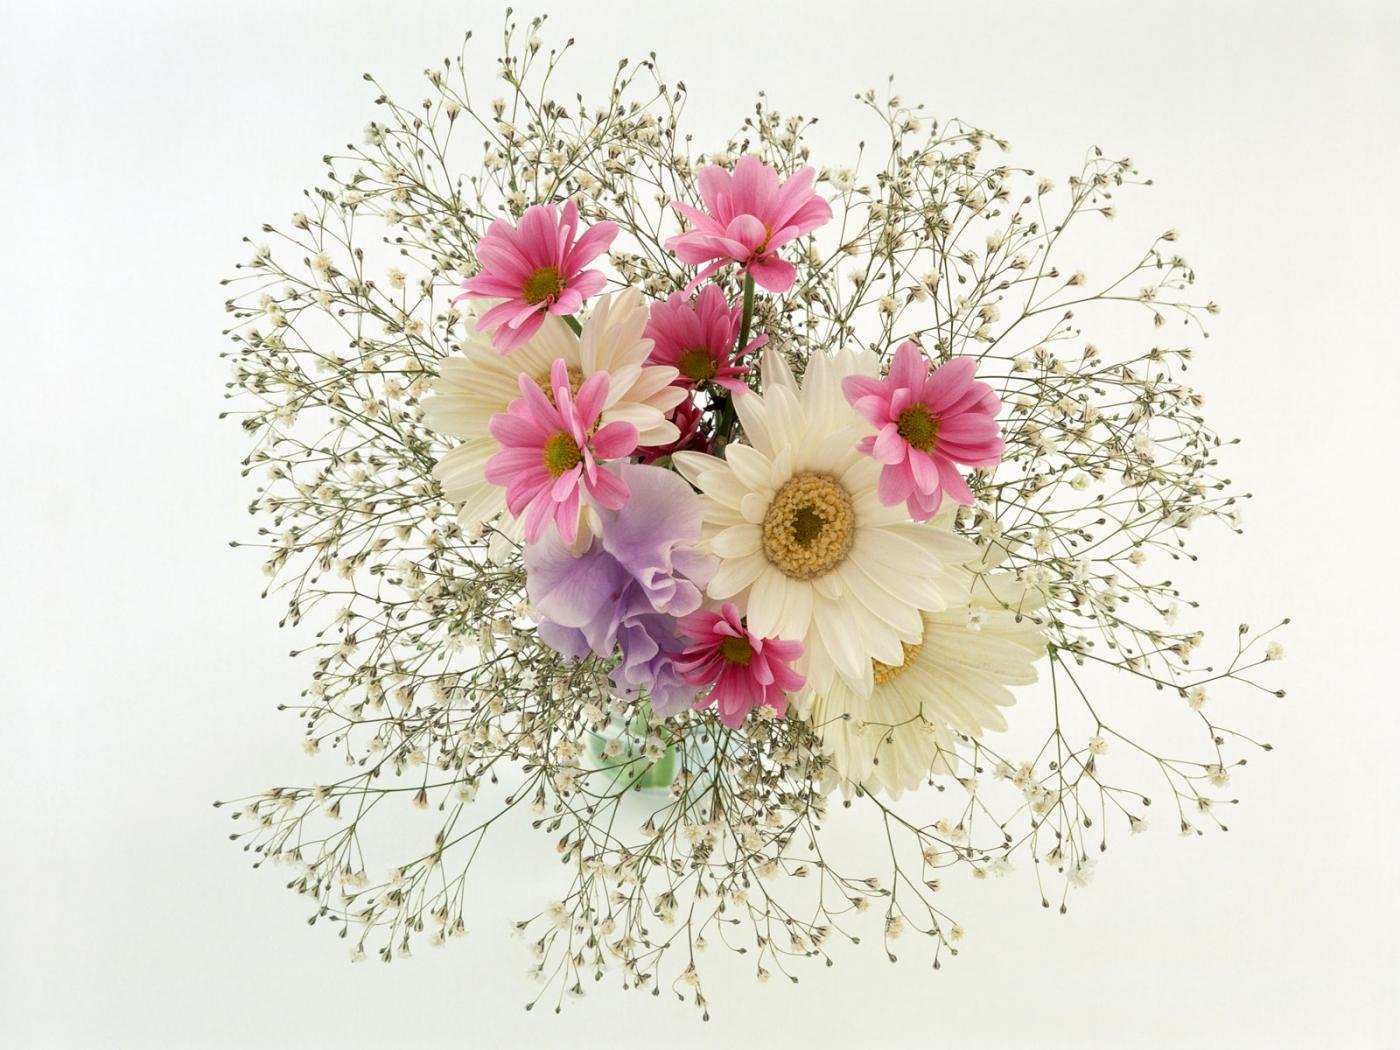 32125 скачать обои Растения, Цветы, Букеты - заставки и картинки бесплатно